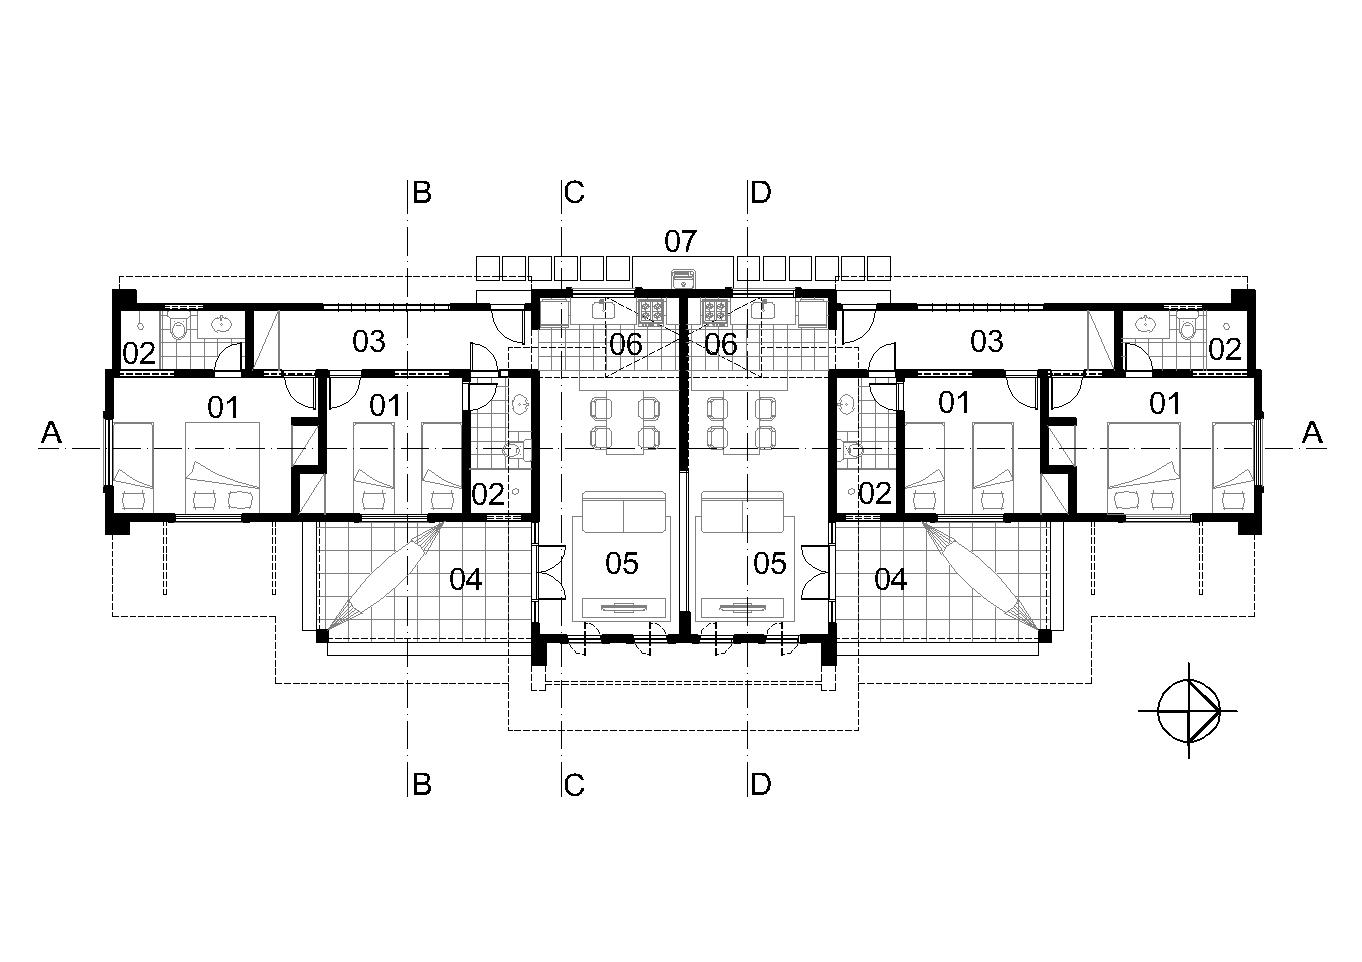 #121212 Casas Populares Galeria de Projetos Projetos de Casas 1362x962 px Projeto Cozinha Dwg Download_4167 Imagens